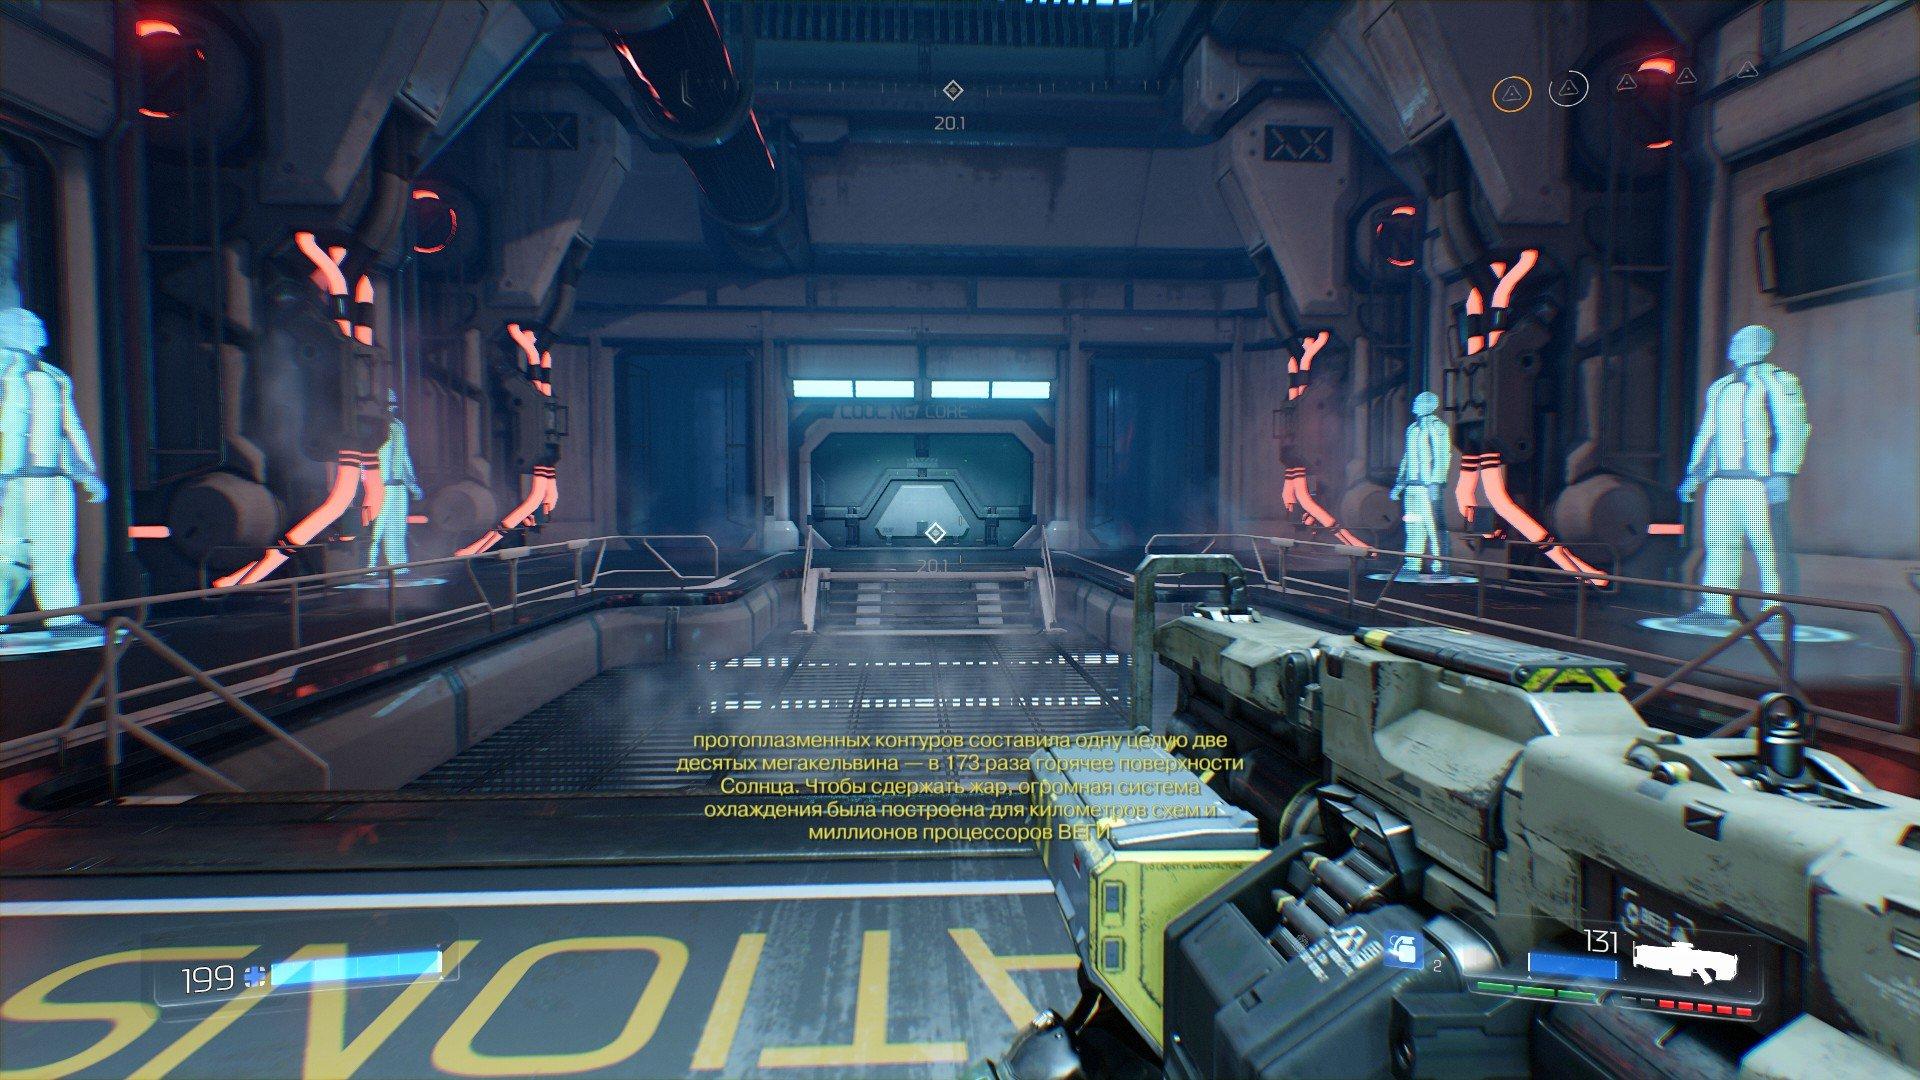 Вопль-прохождение Doom ... ФИНАЛ!!! - Изображение 14